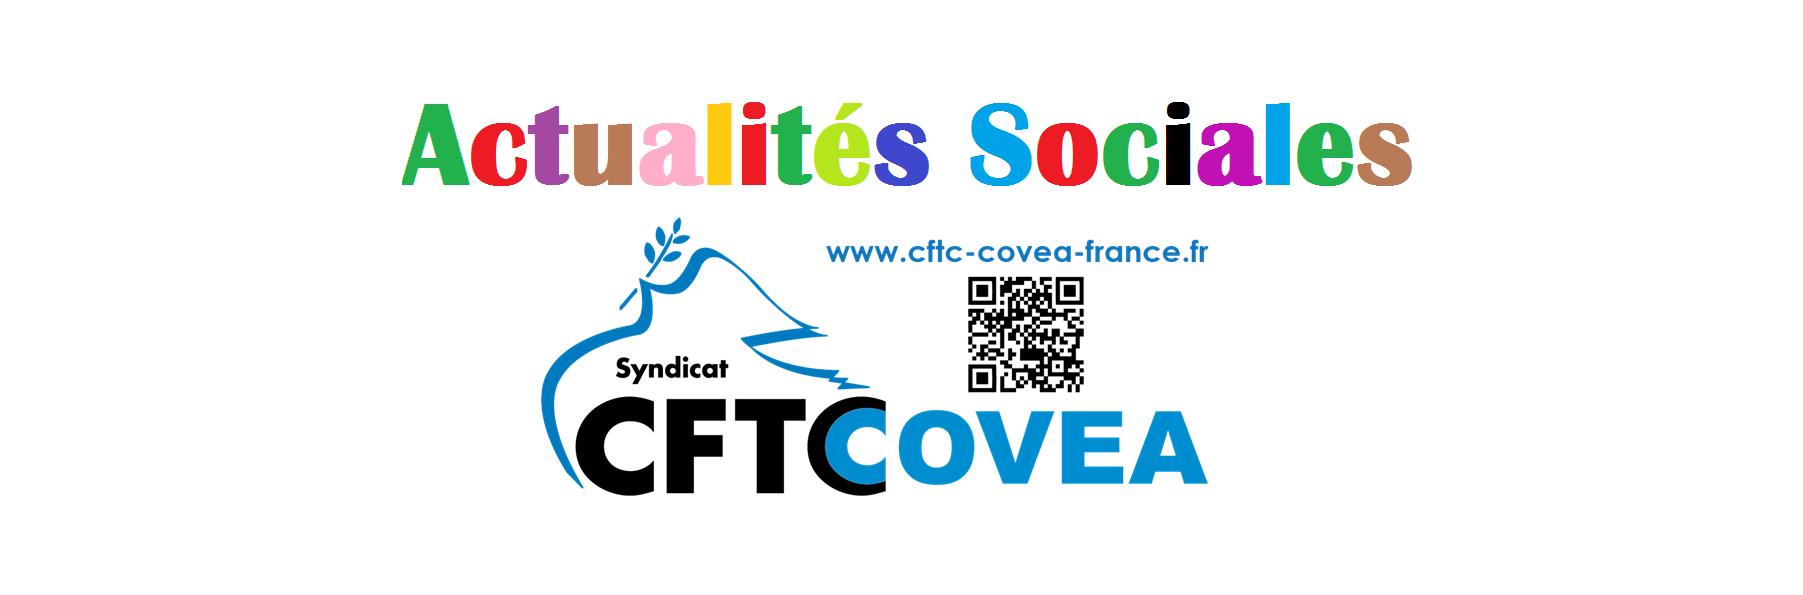 Actualités Sociales CFTC – Décembre 2020